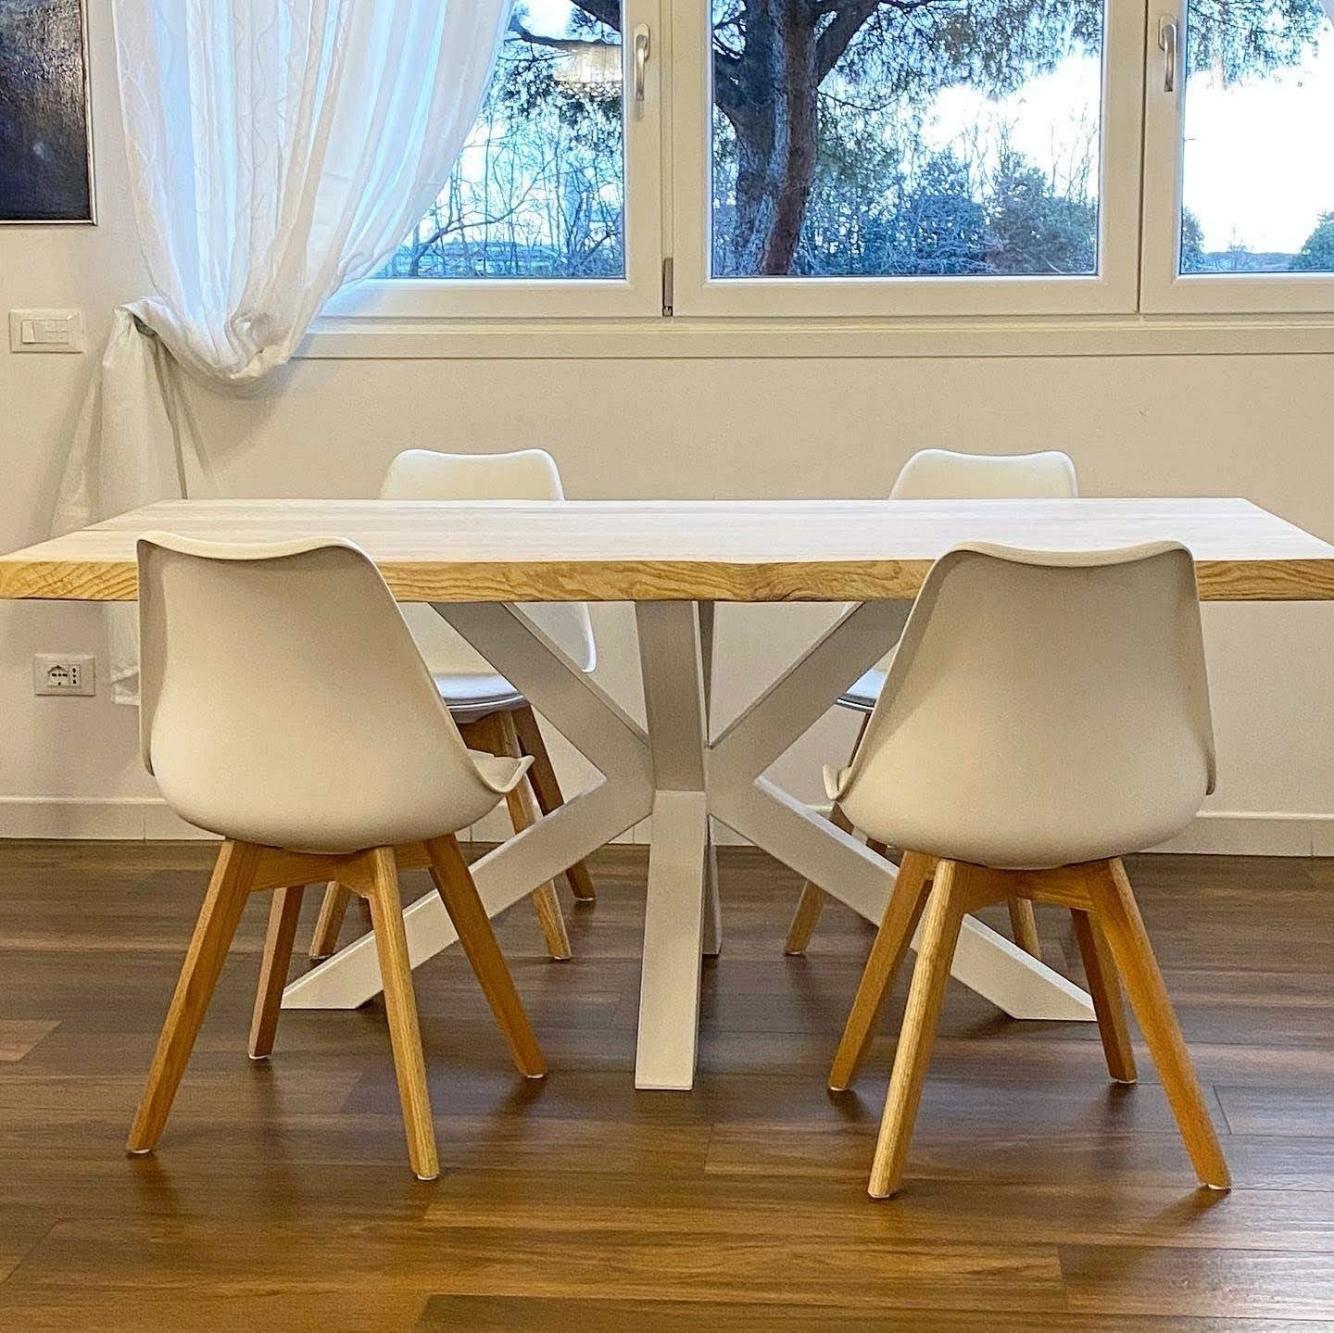 Tavolo Legno Massello Moderno Con Gamba Stella Bianca Lola 180x90 Xlab Design